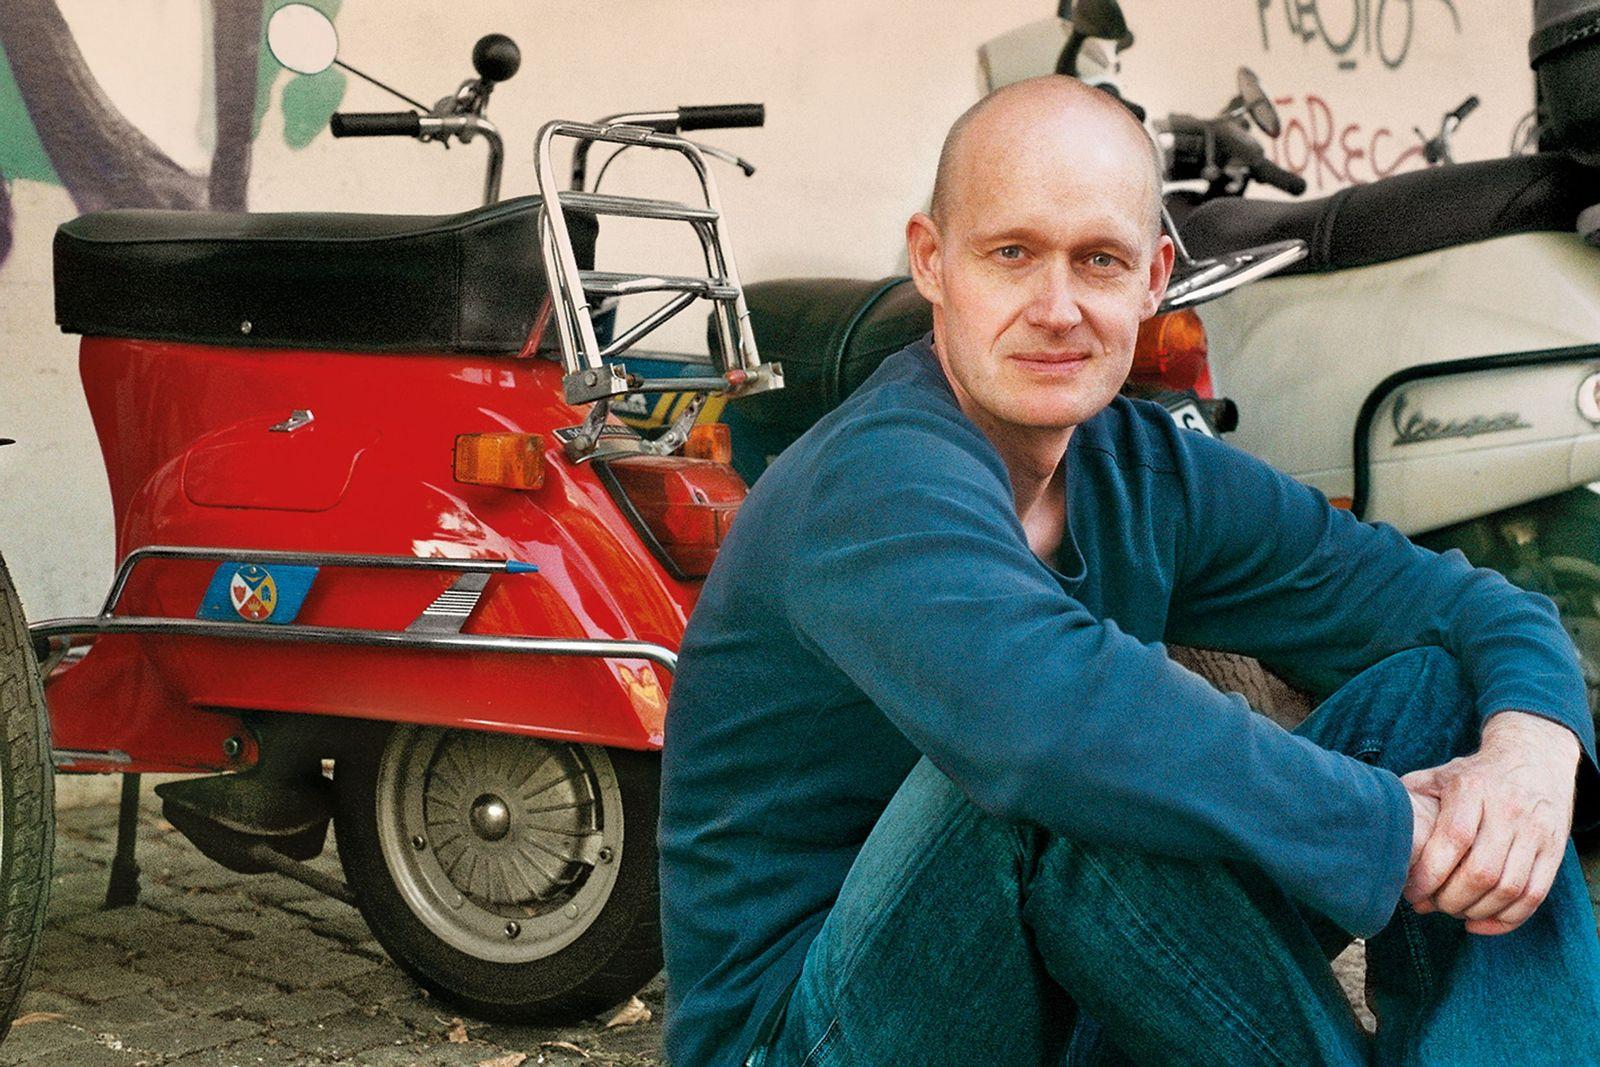 EINMALIGE VERWENDUNG Tageskarte 04.02.15/ Buch/ Arno Geiger: Selbstporträt mit Flusspferd